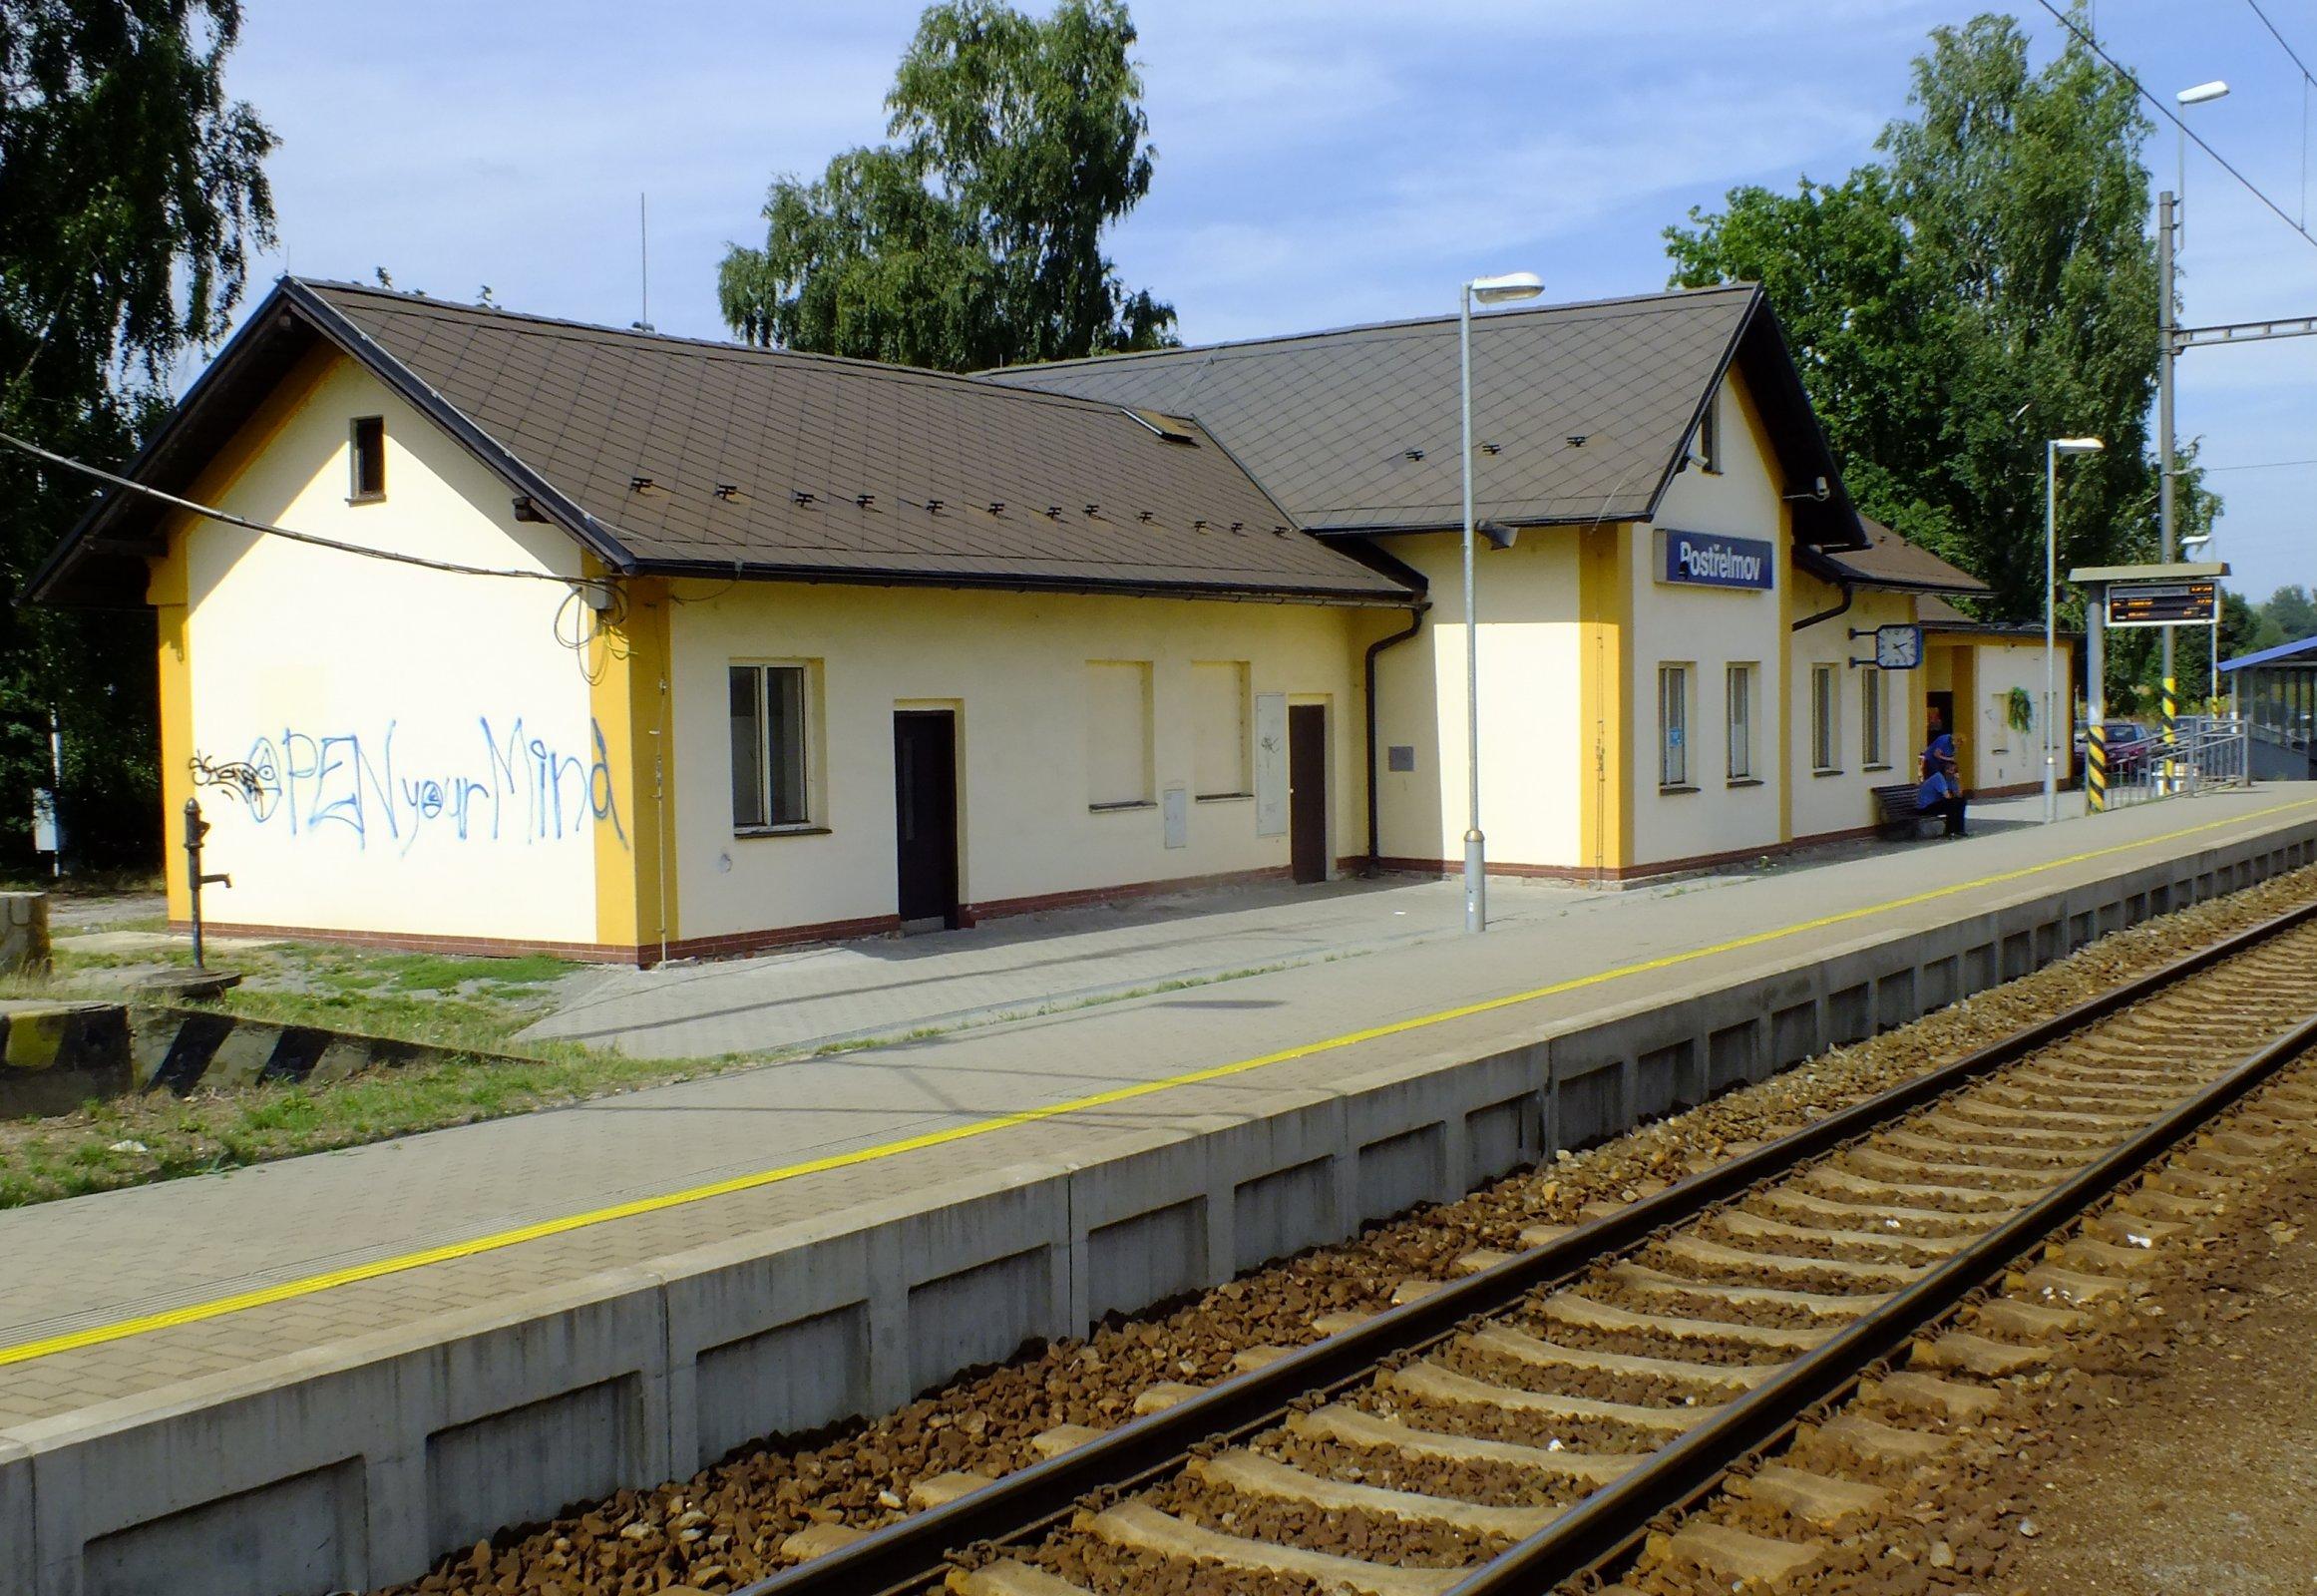 Stela - Oficiln strnky obce Postelmov